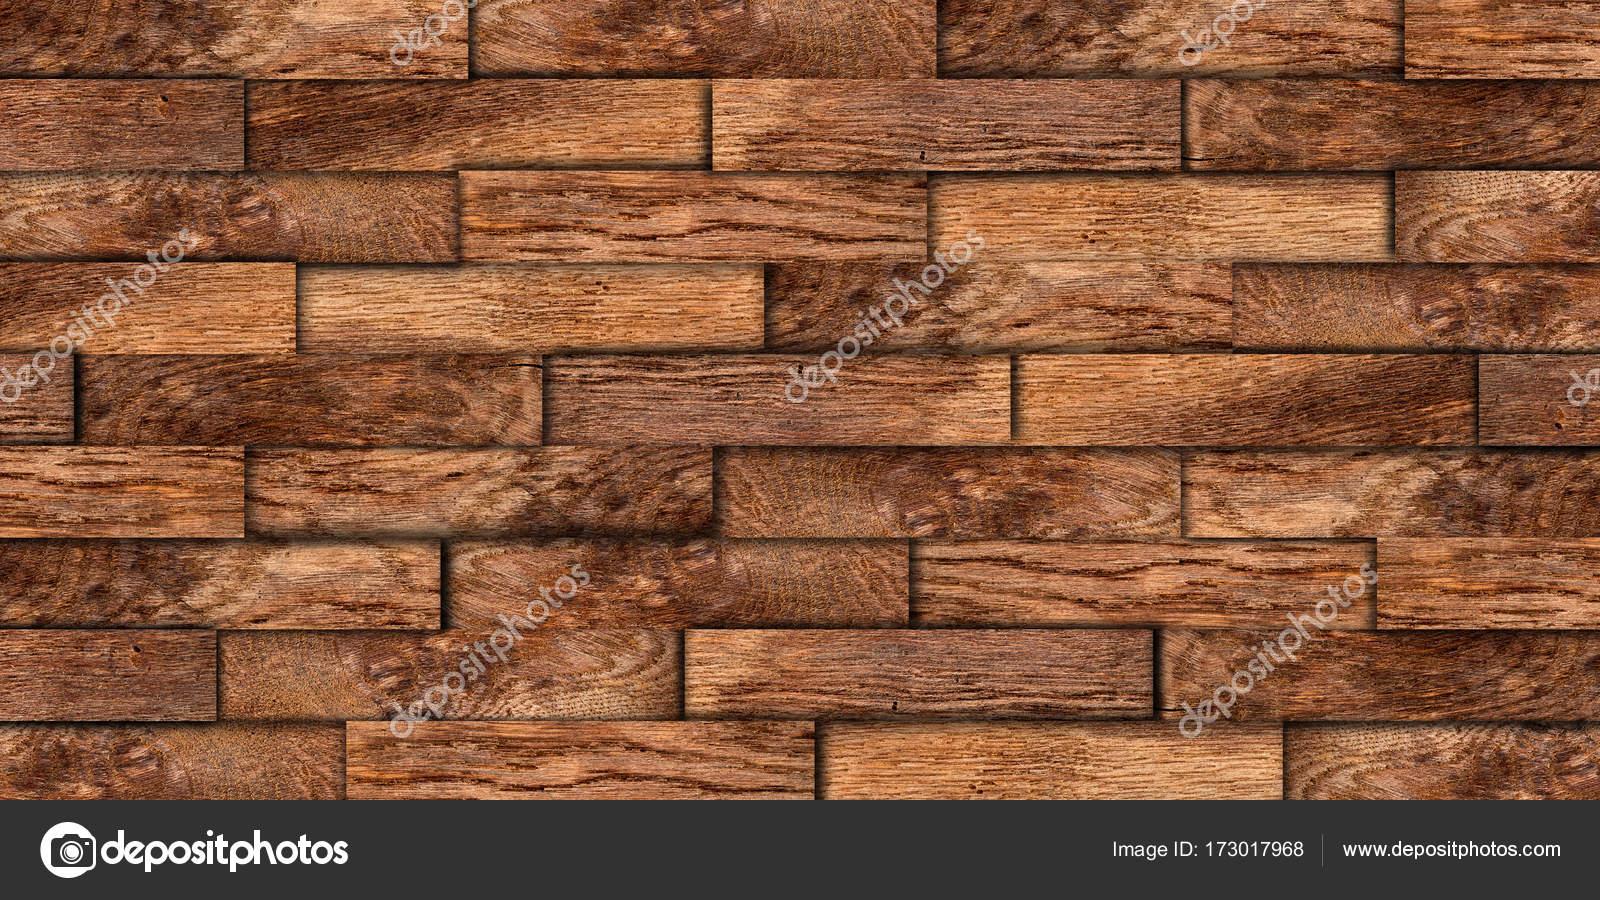 Assi Di Legno Hd : Vecchio fondo reticolo quercia legno tavolato legno rustico